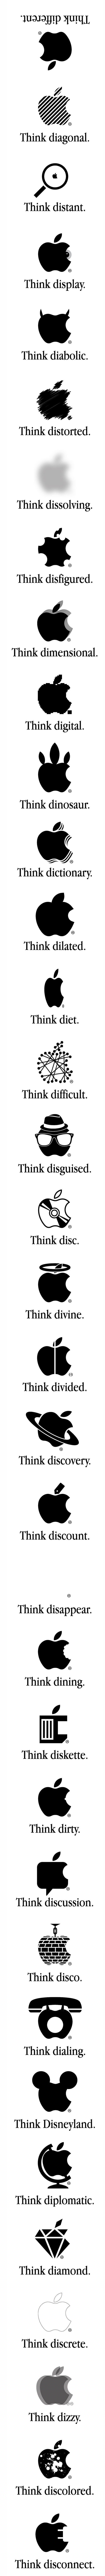 Et si le logo d'Apple pensait vraiment différemment ?  par Viktor Hertz  via Geoffrey Dorme